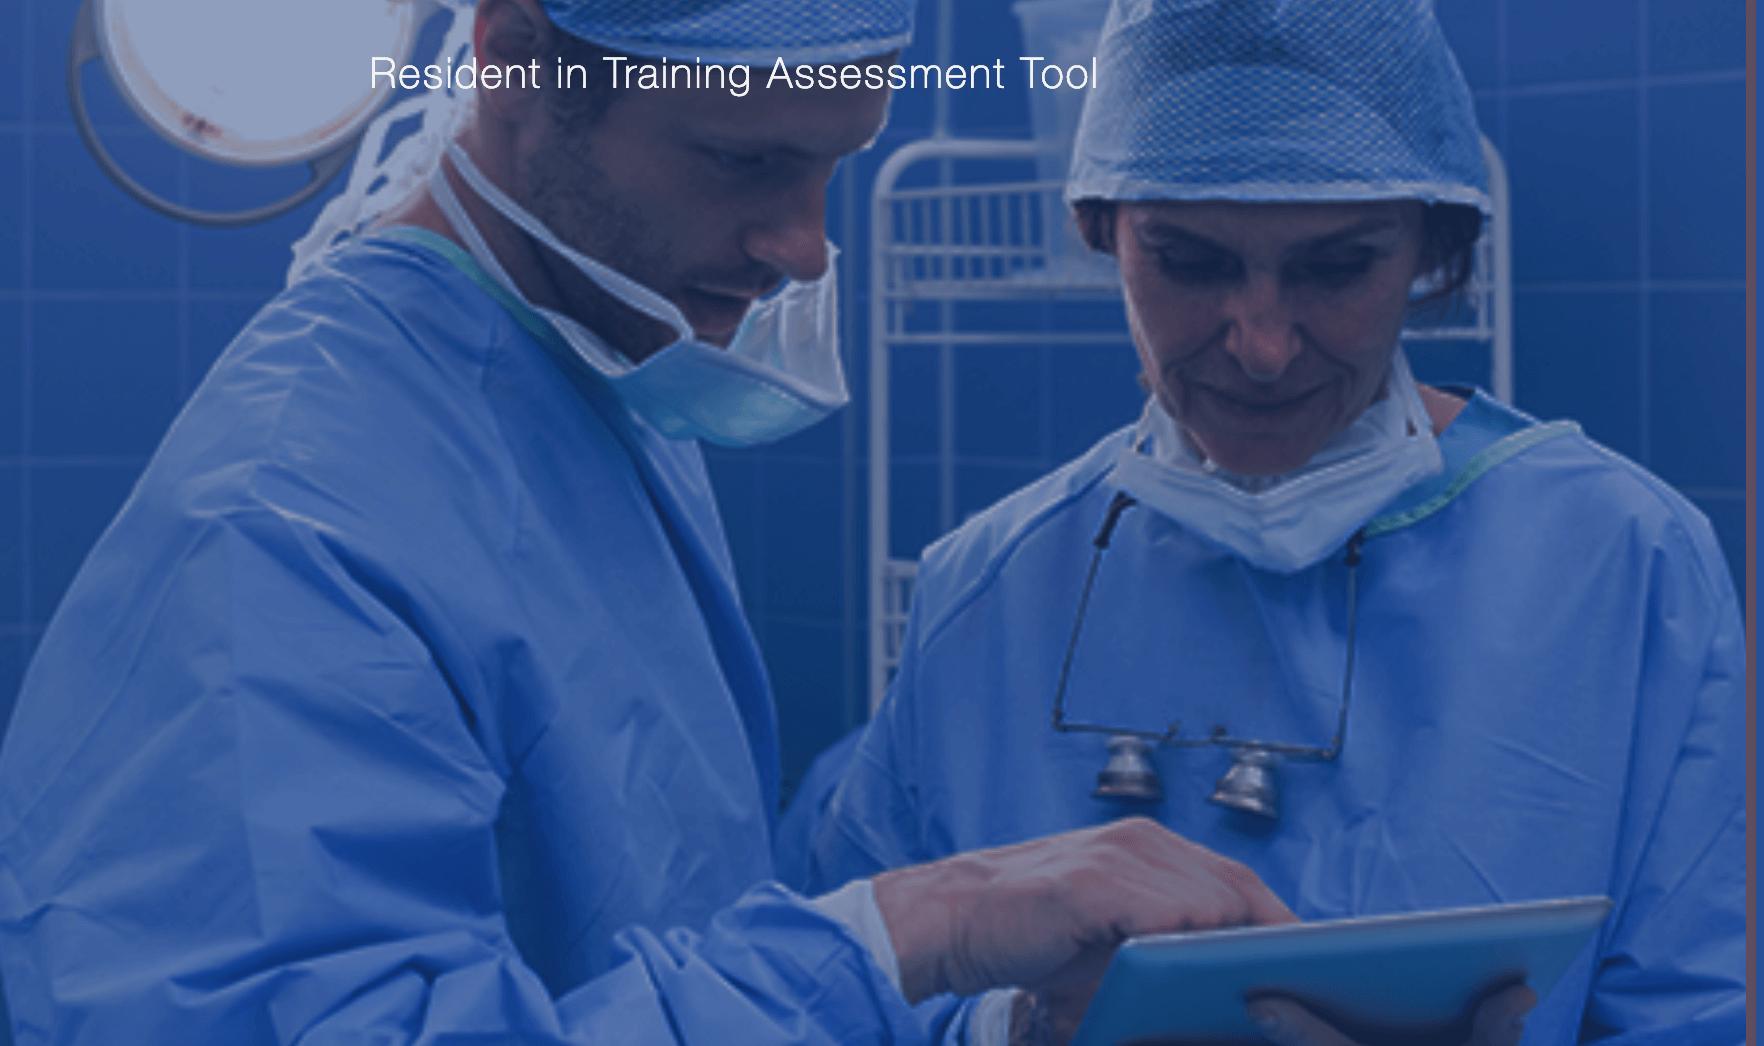 Medical Training Assessment